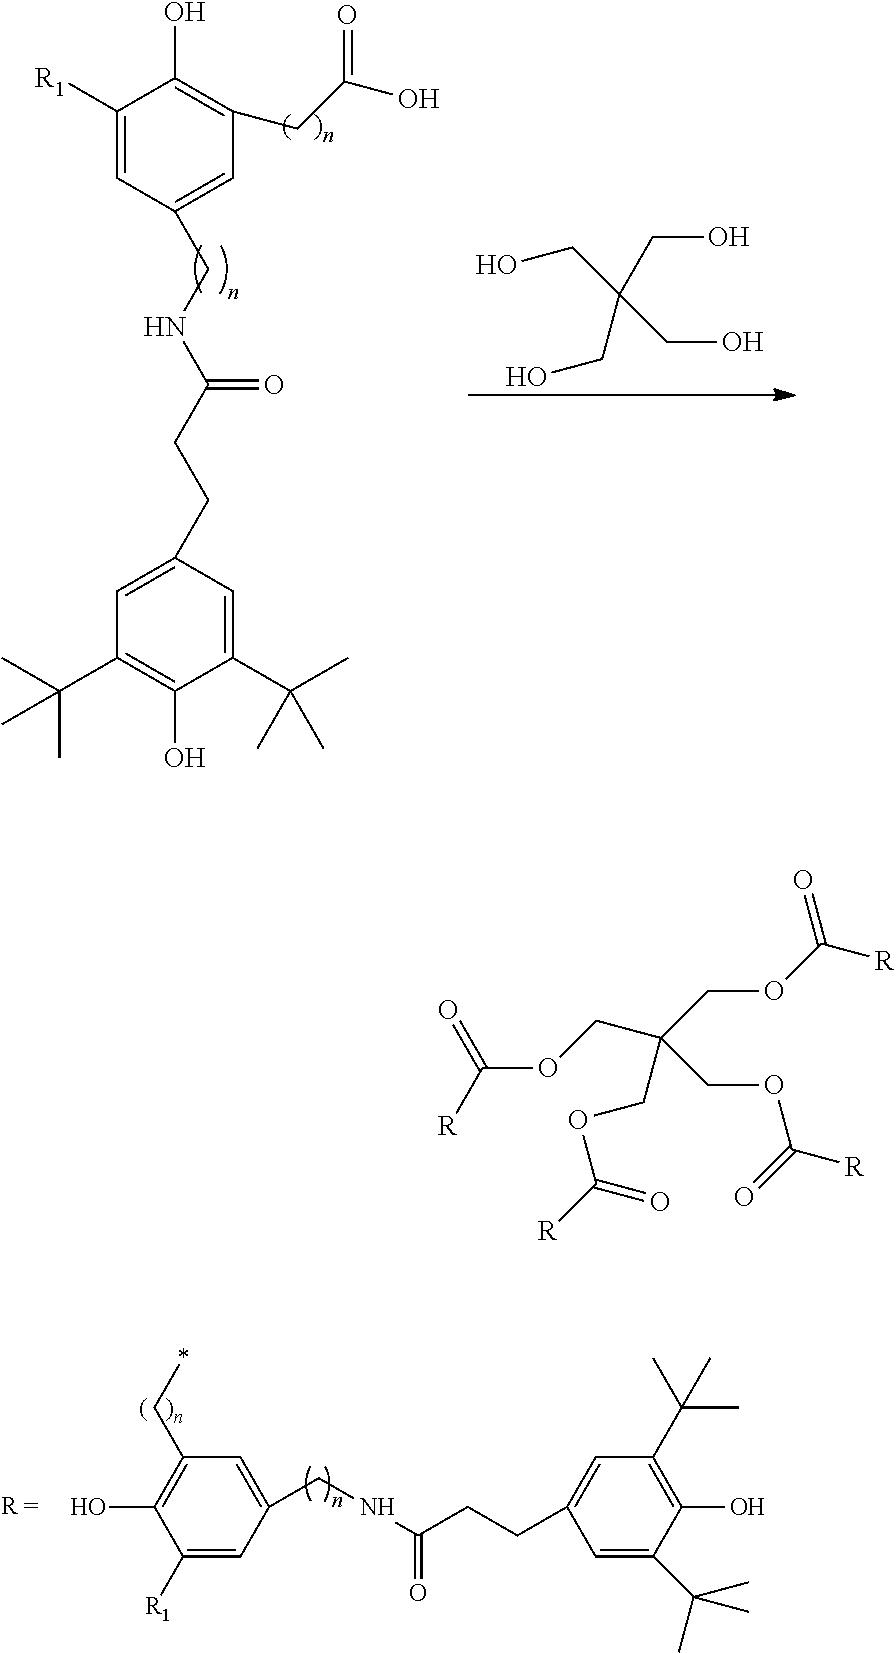 Figure US09950990-20180424-C00080